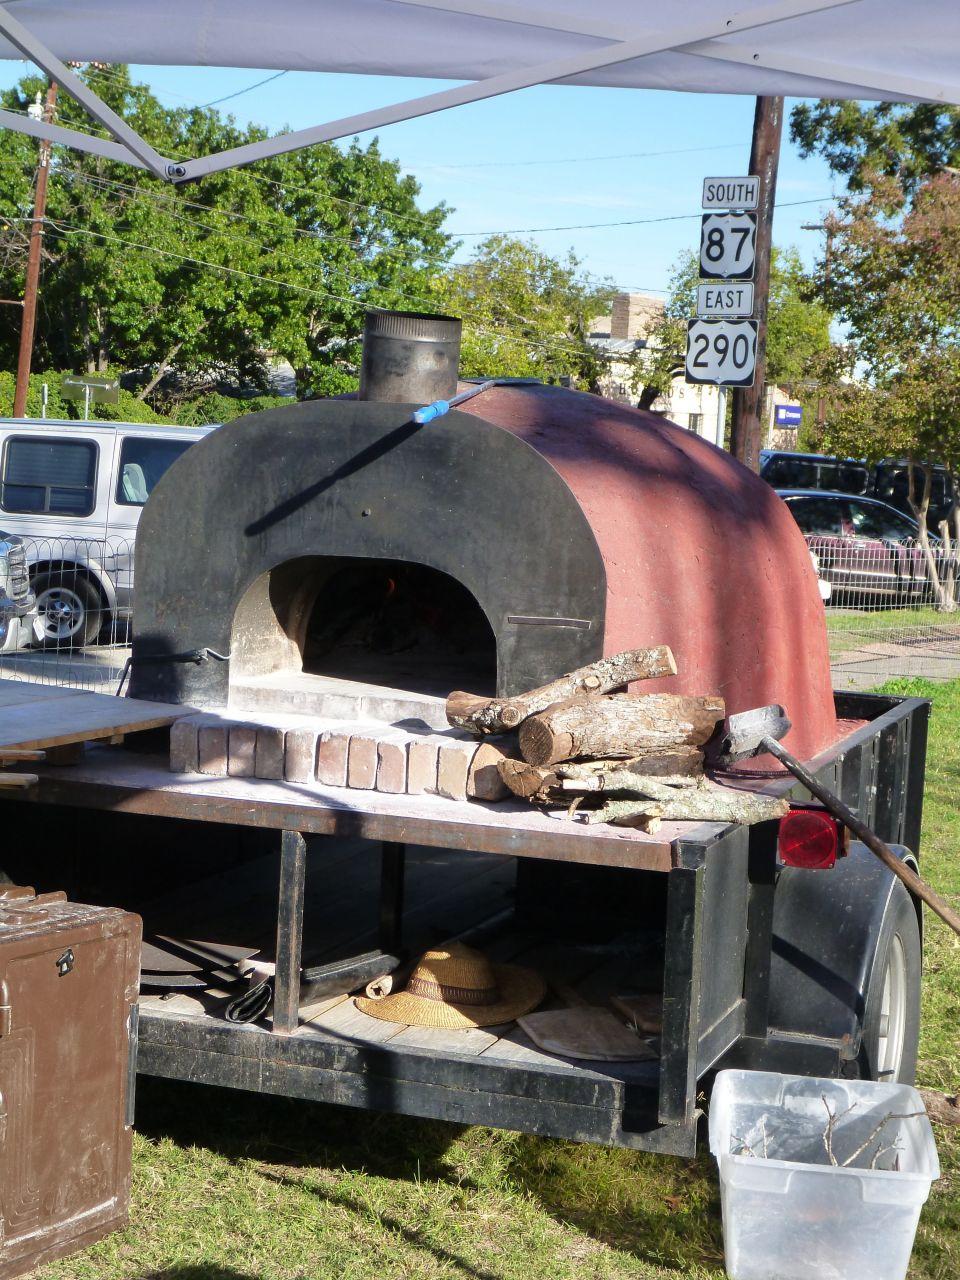 The Portable Brick Pizza Oven